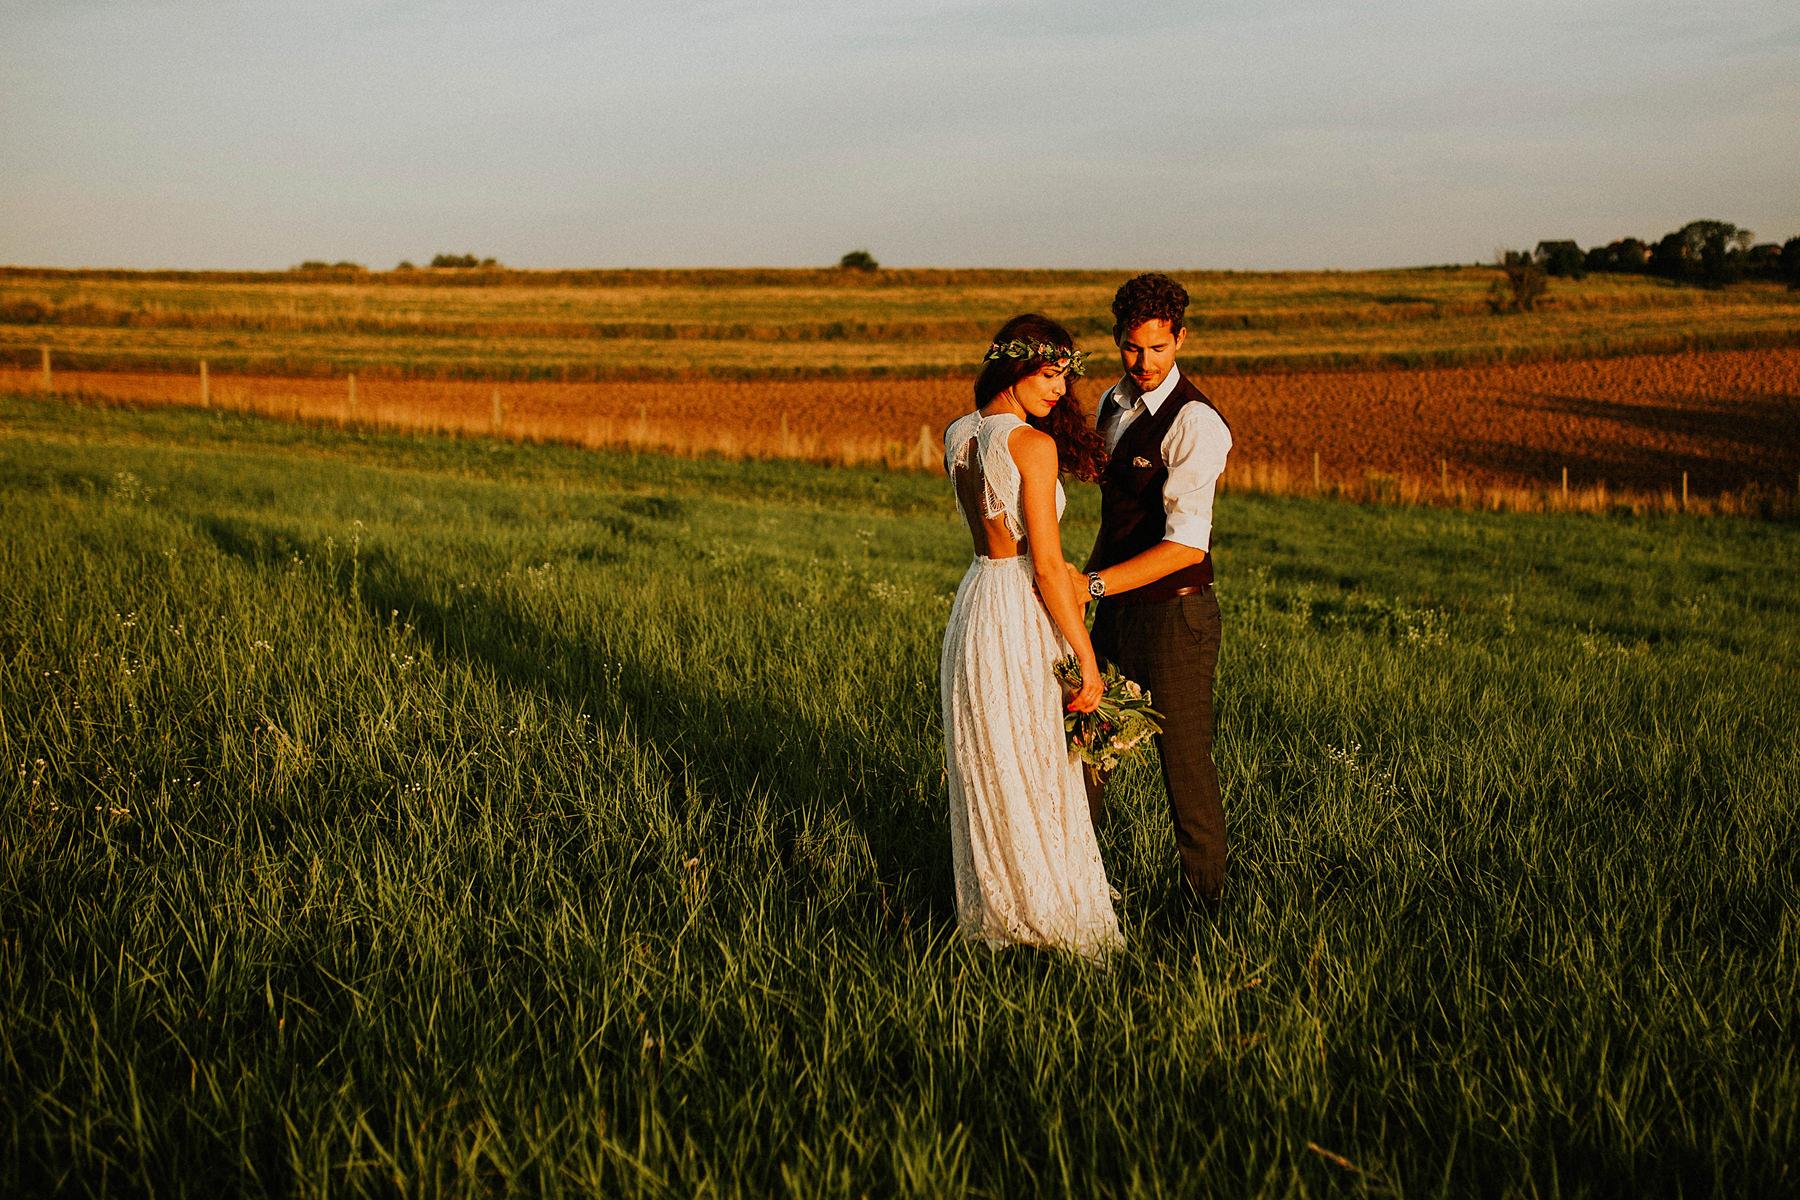 041 w dolinie stawu boho stodola barn krakow sesja poslubna slubna wesele slub fotograf karol nycz photography poland